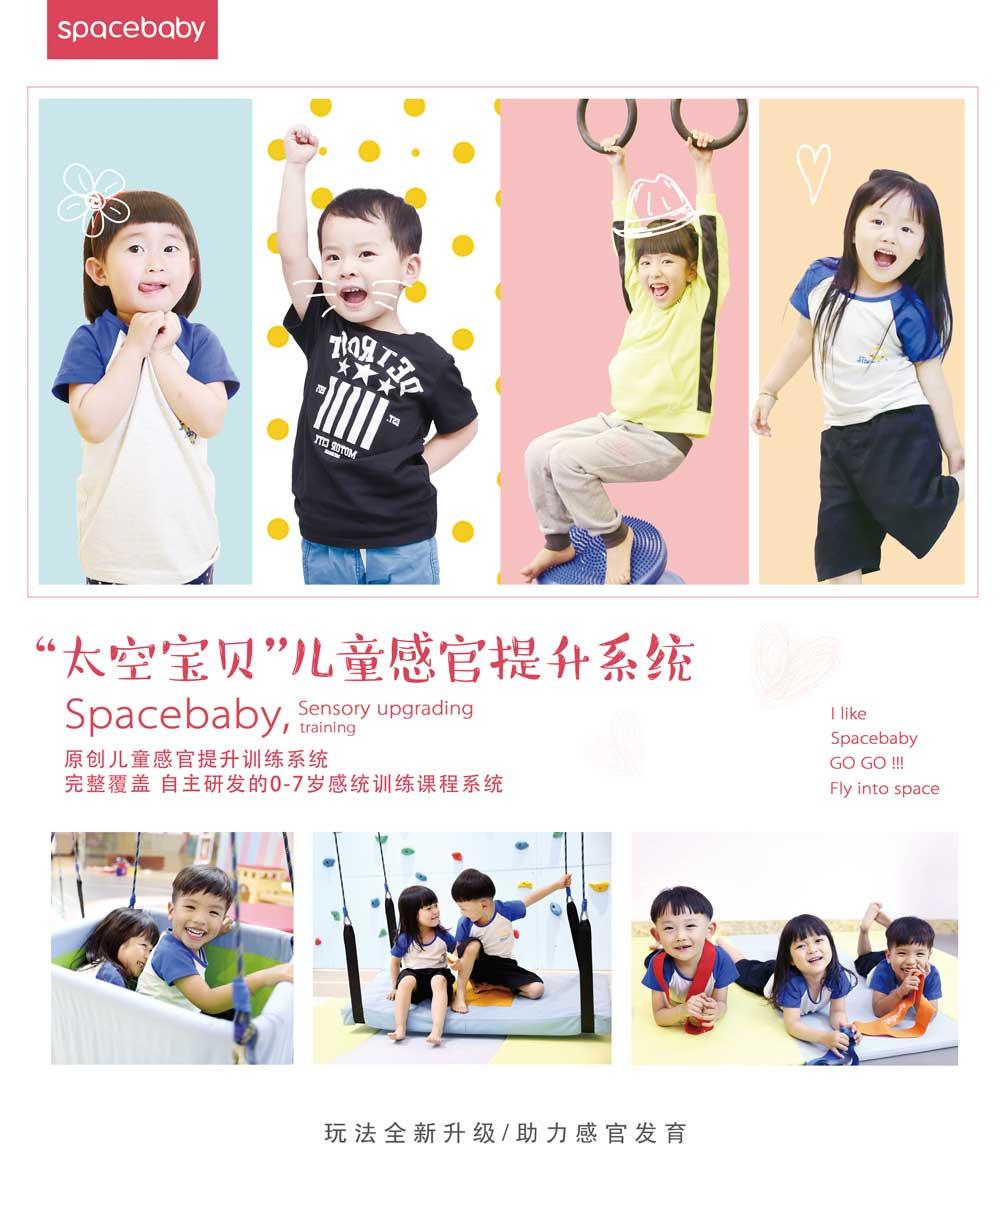 太空宝贝原创宣传品宣传照片3